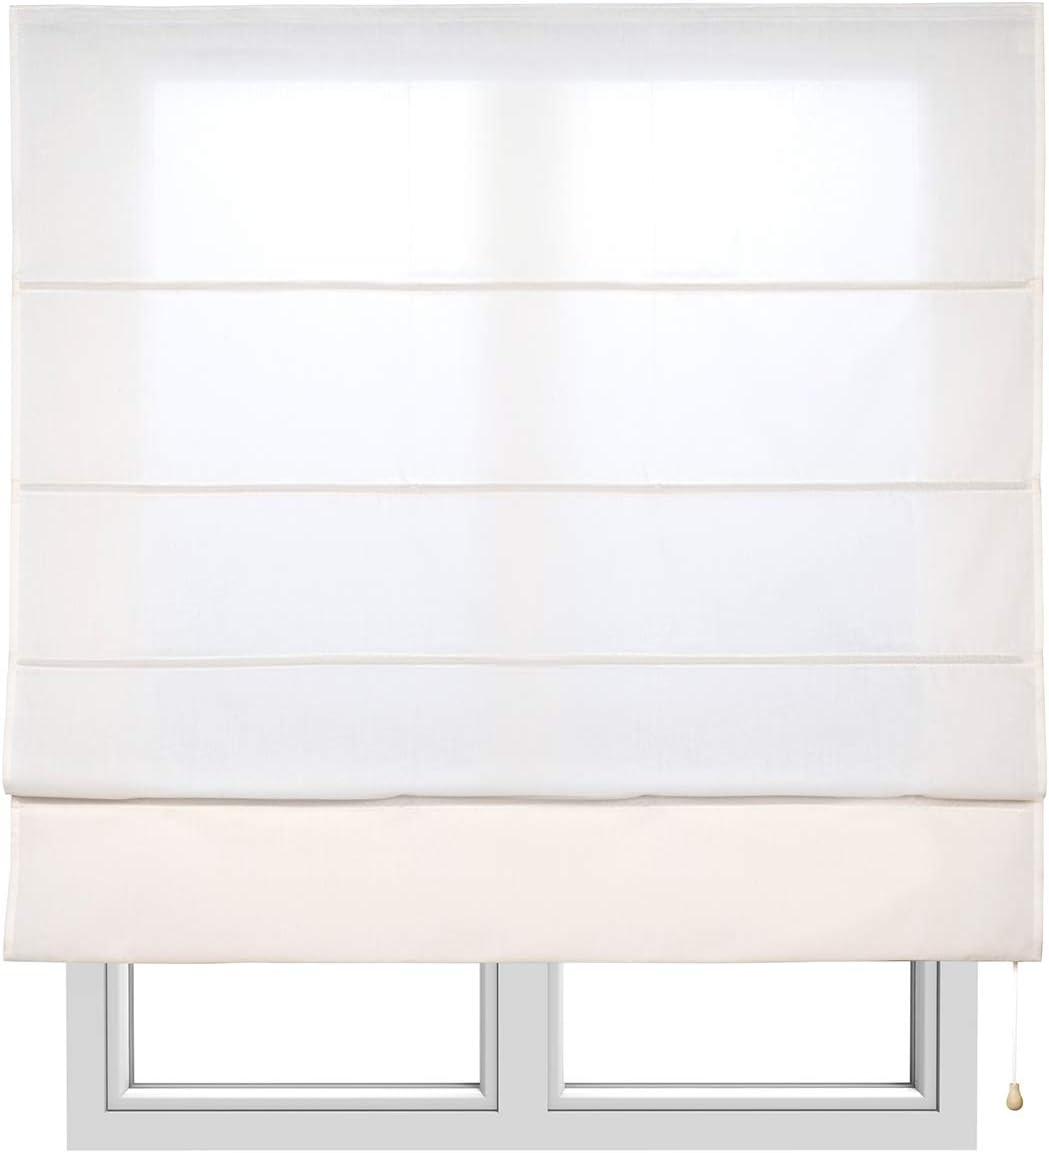 STORESDECO Estor Plegable con Varillas, Estor translúcido para Ventanas y Puertas (120 cm x 175 cm, Crudo)